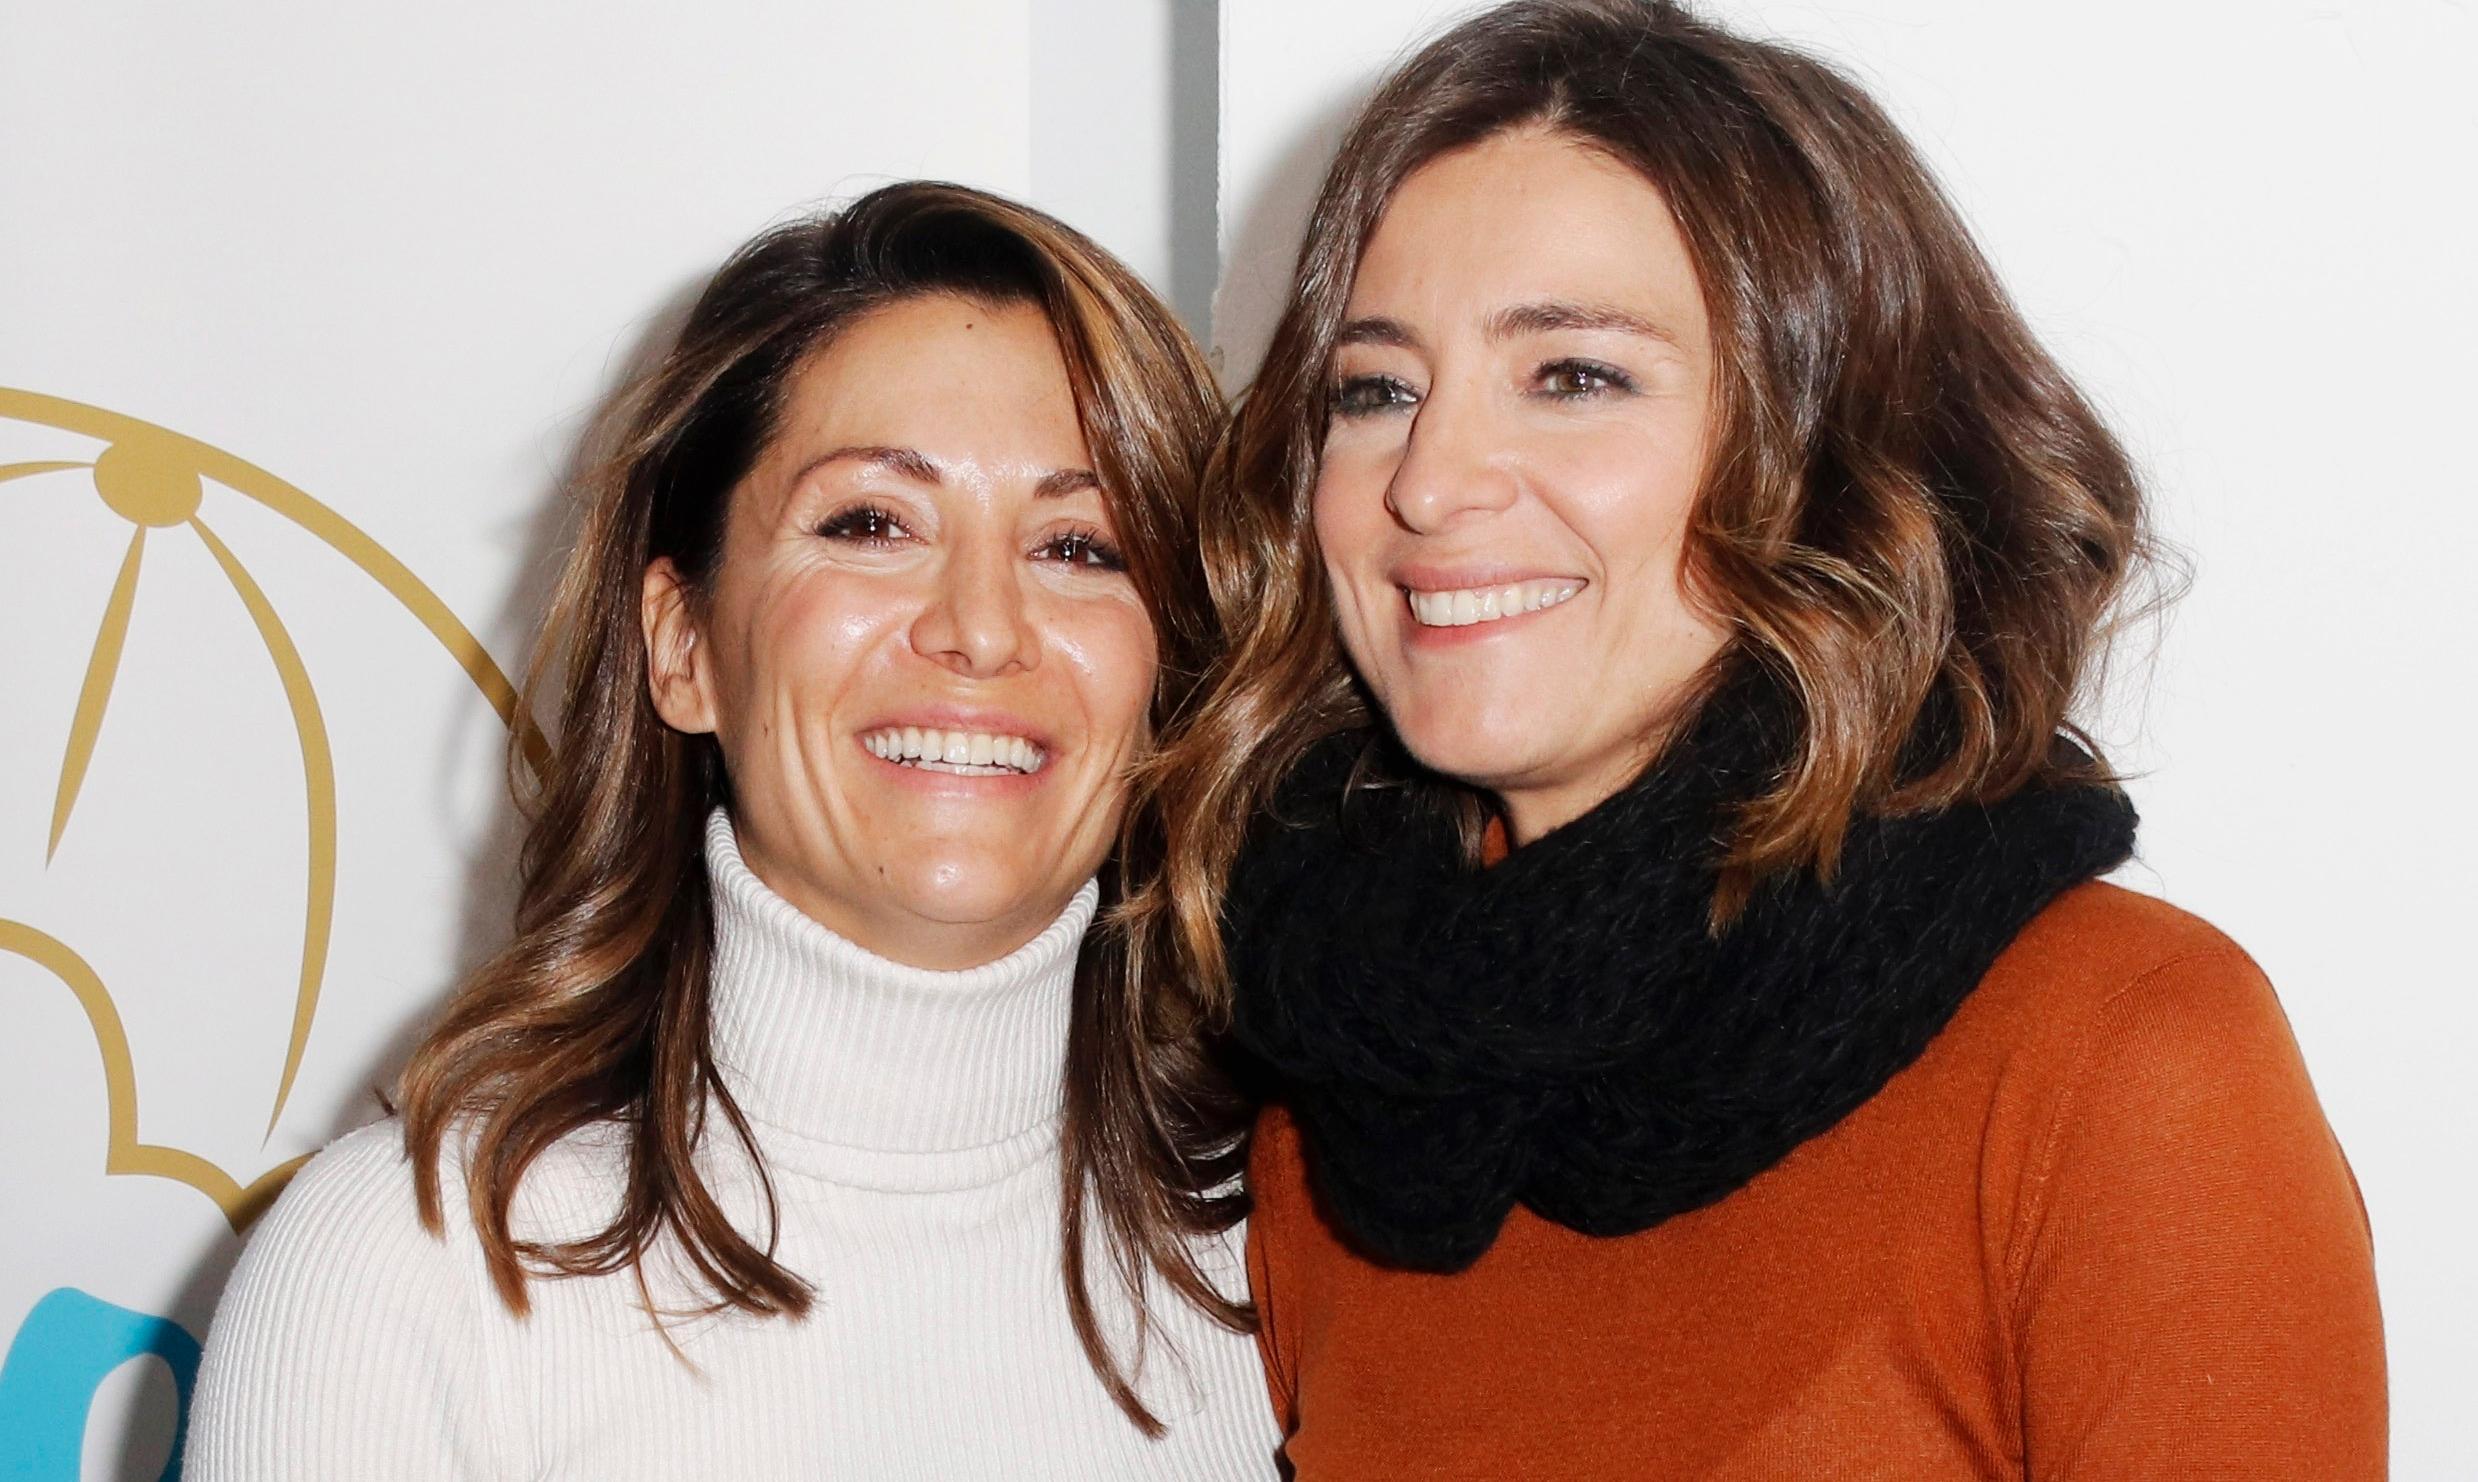 Nagore Robles i Sandra Barneda inicien el procés per convertir-se en mares / Europa Press